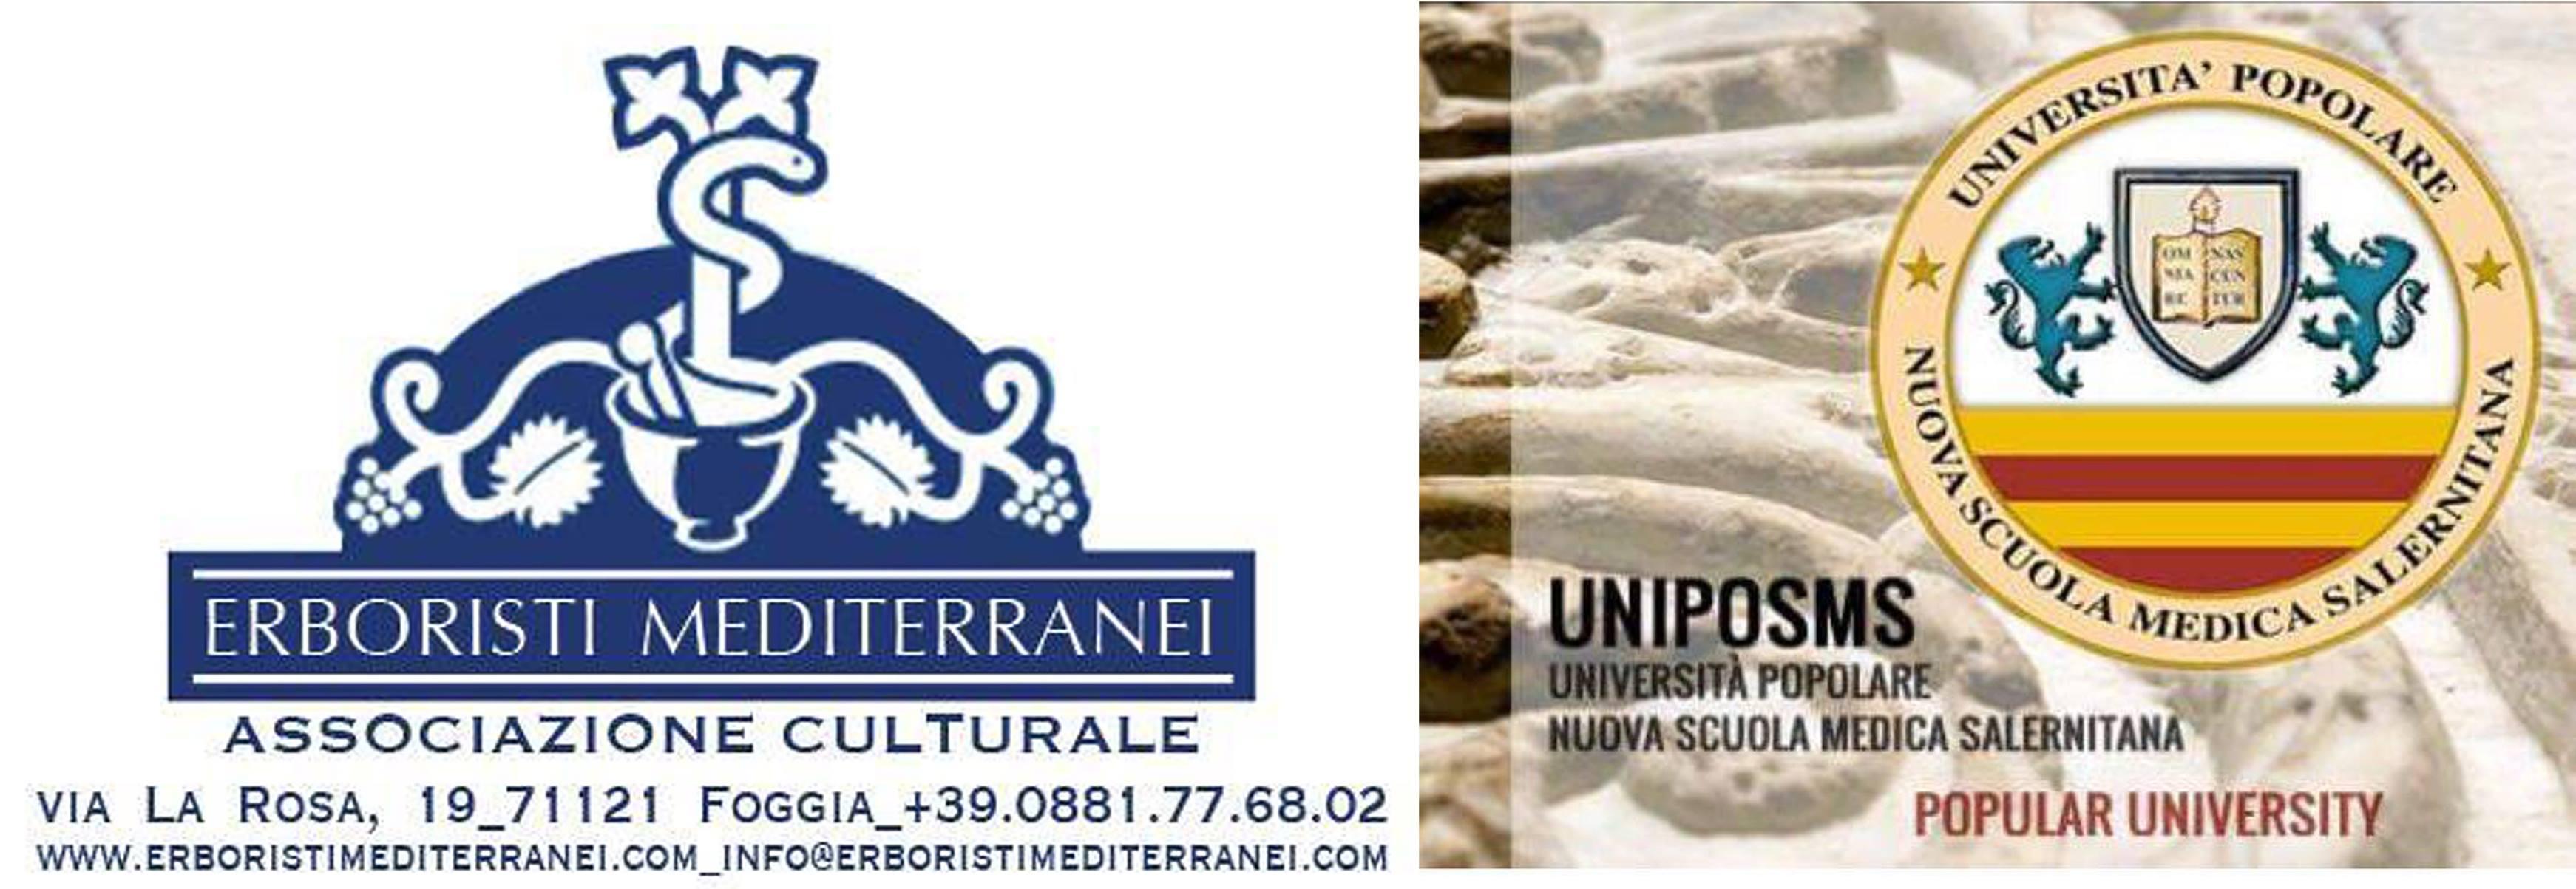 logo EM.UNIPOSMS